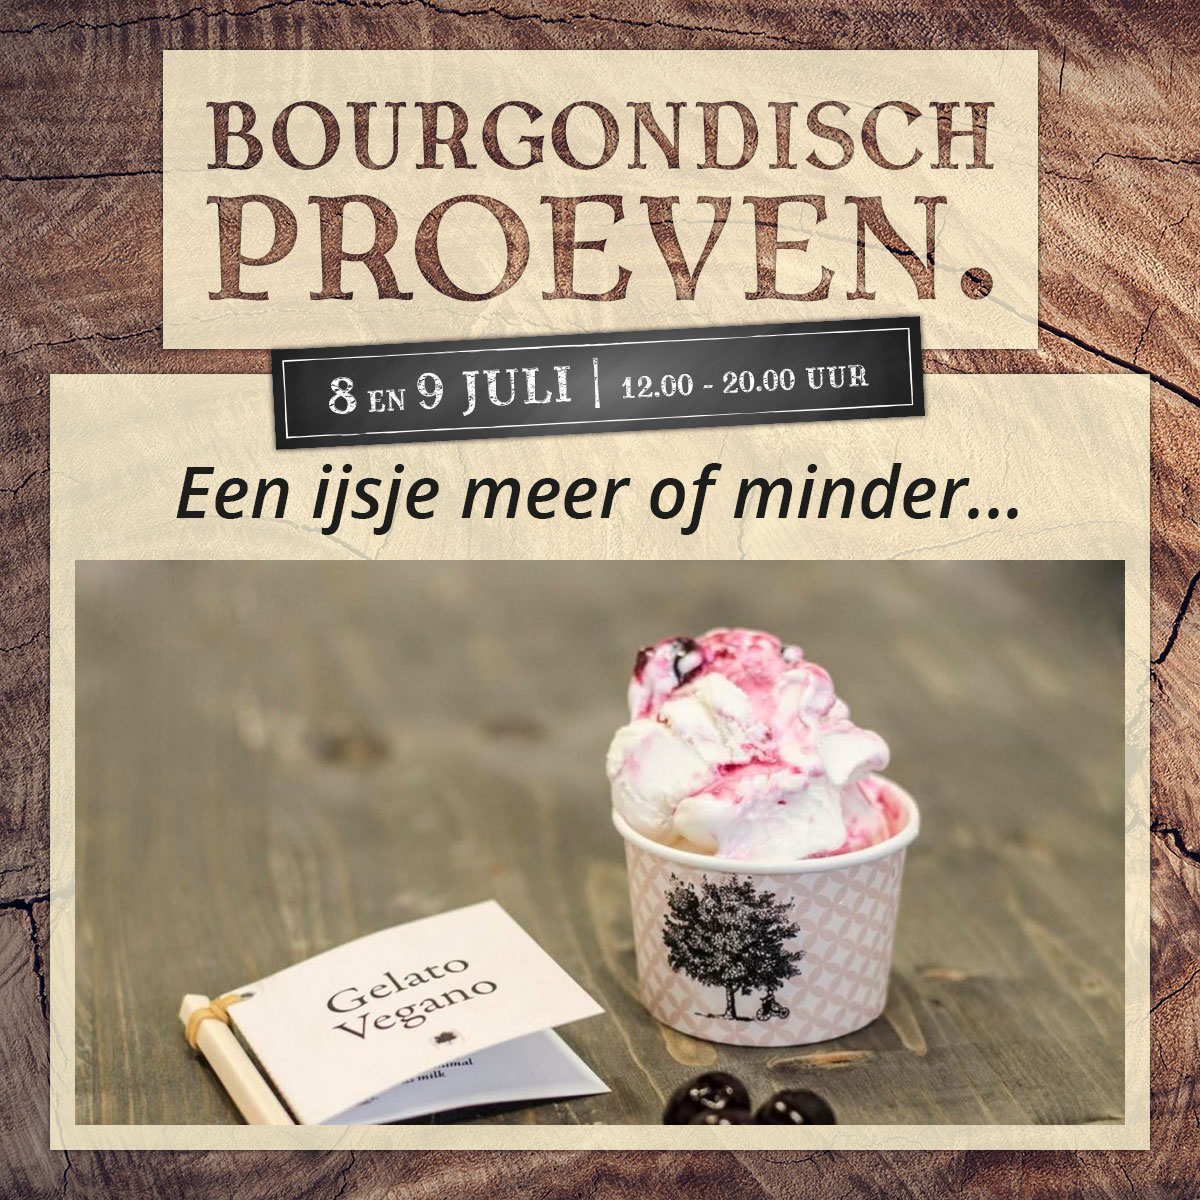 De Bourgondiër – Bourgondisch Proeven. – Facebookbericht – Een-ijsje-meer-of-minder…